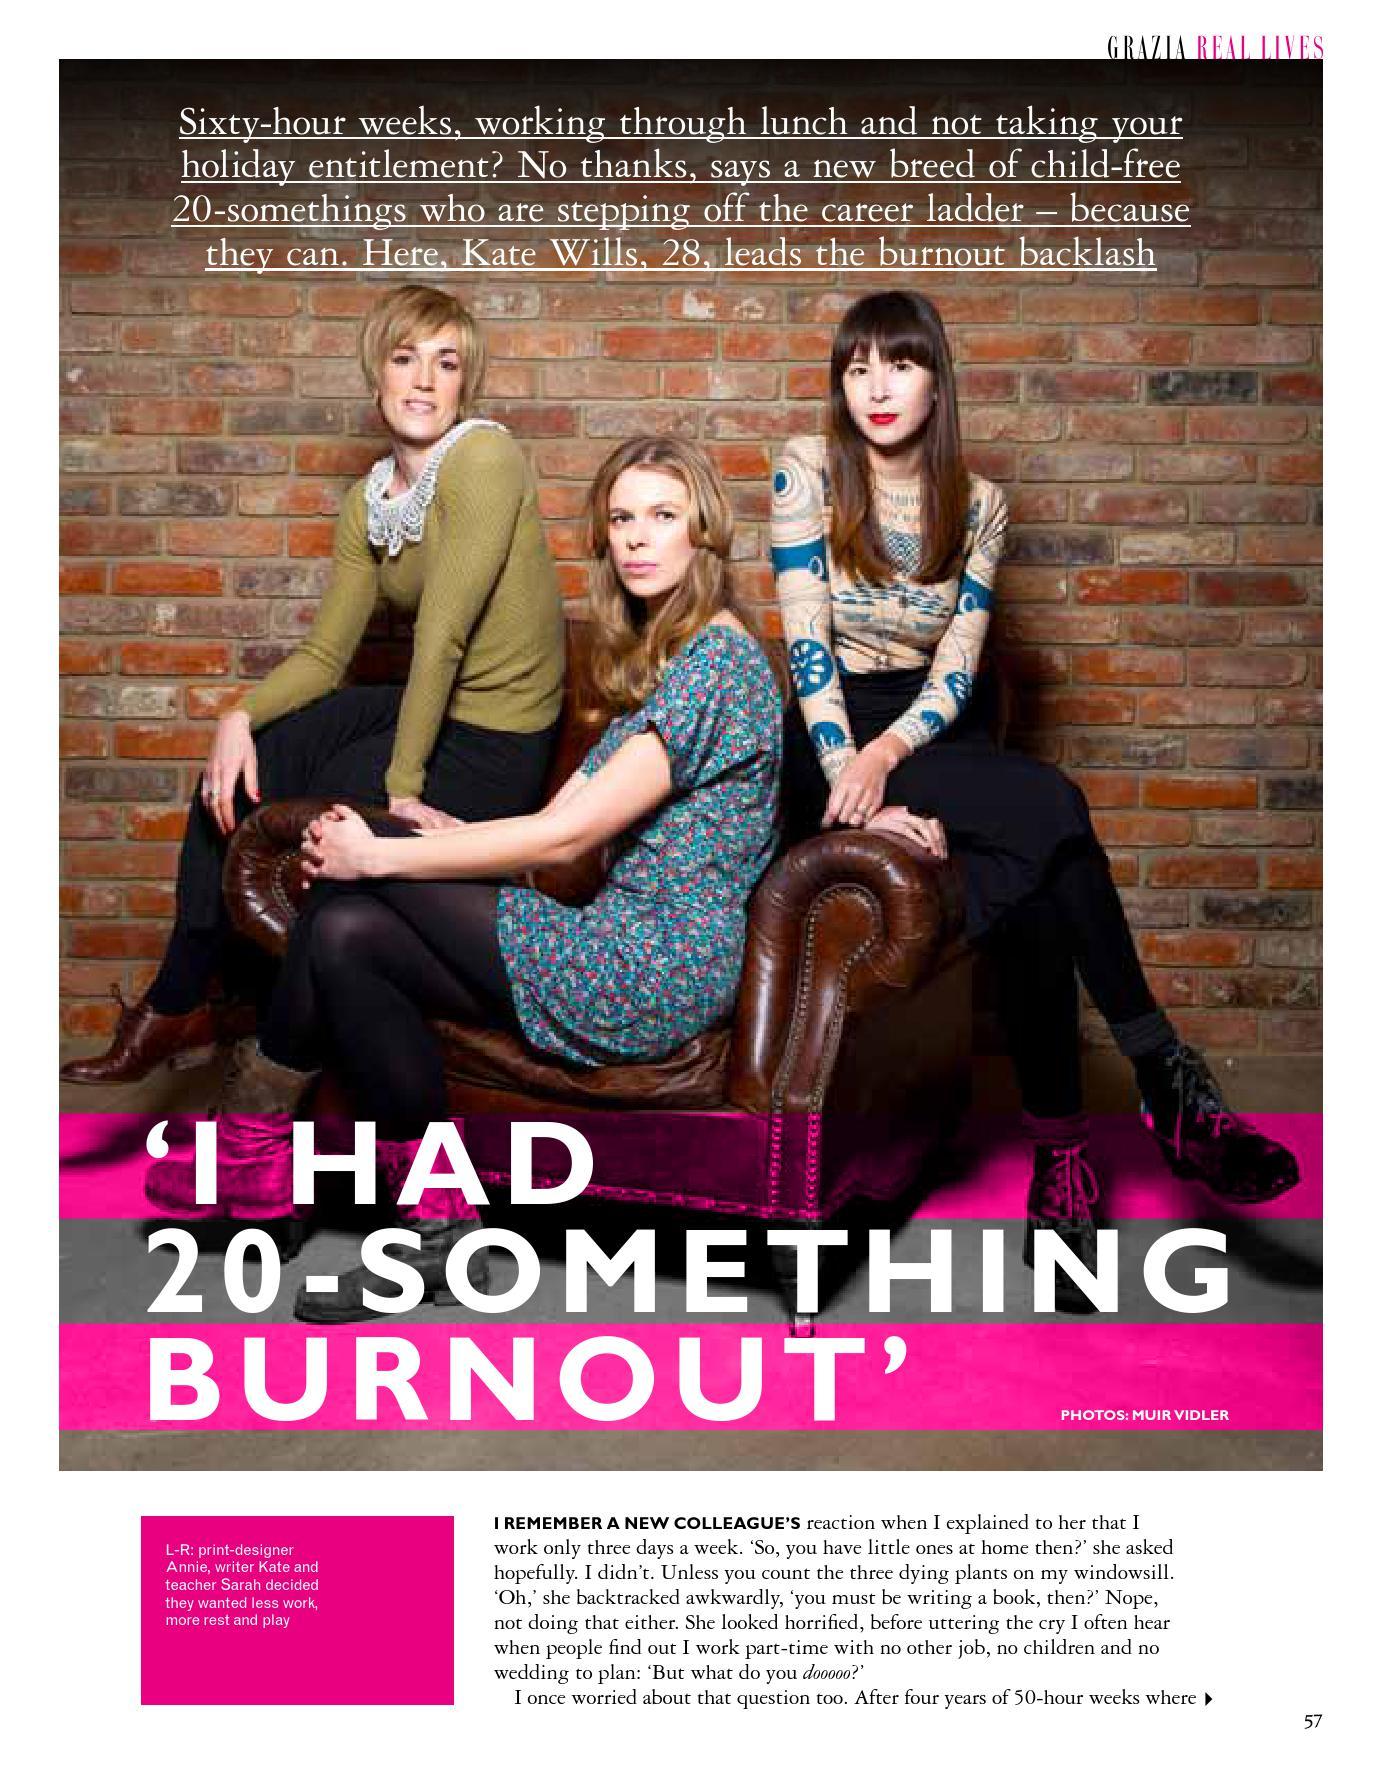 20-something burnout_000001